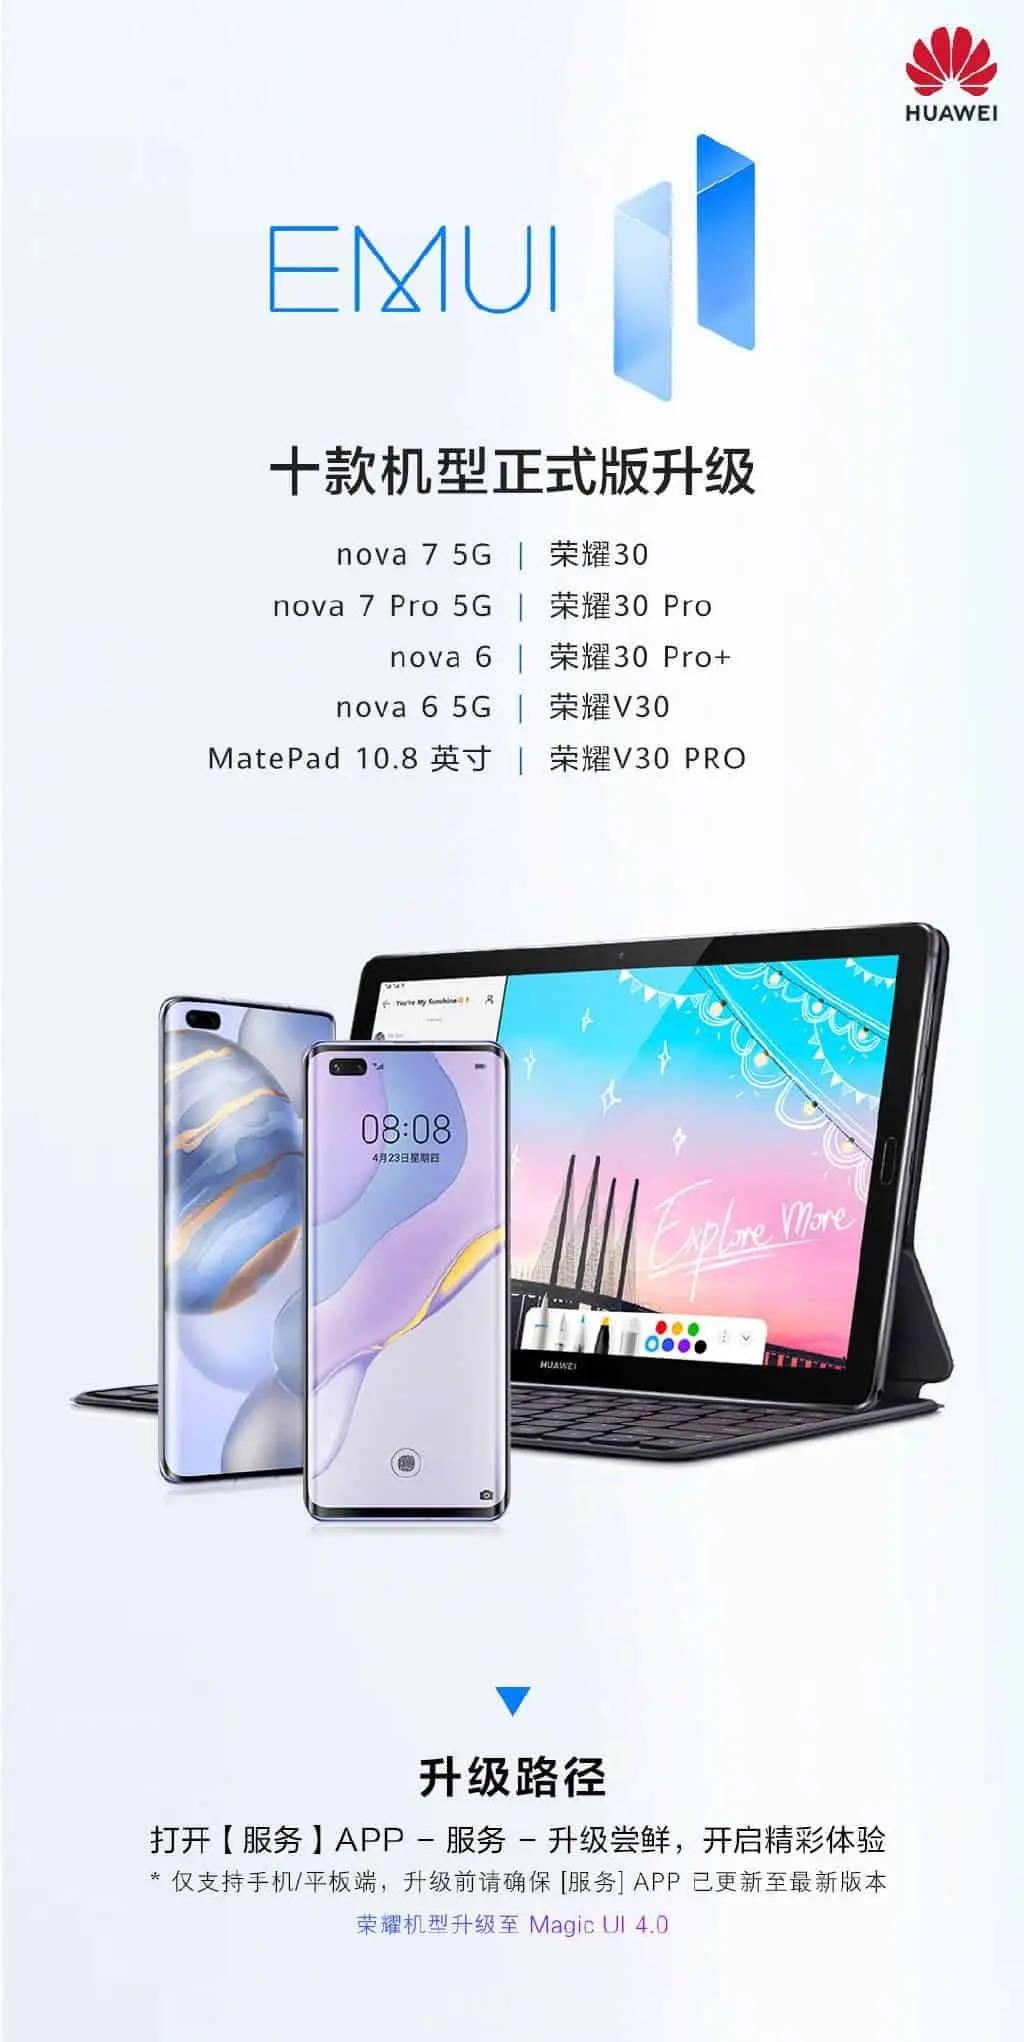 aktualizacja EmuI 11 Stable dla Honor 30 Pro Huawei nova 7